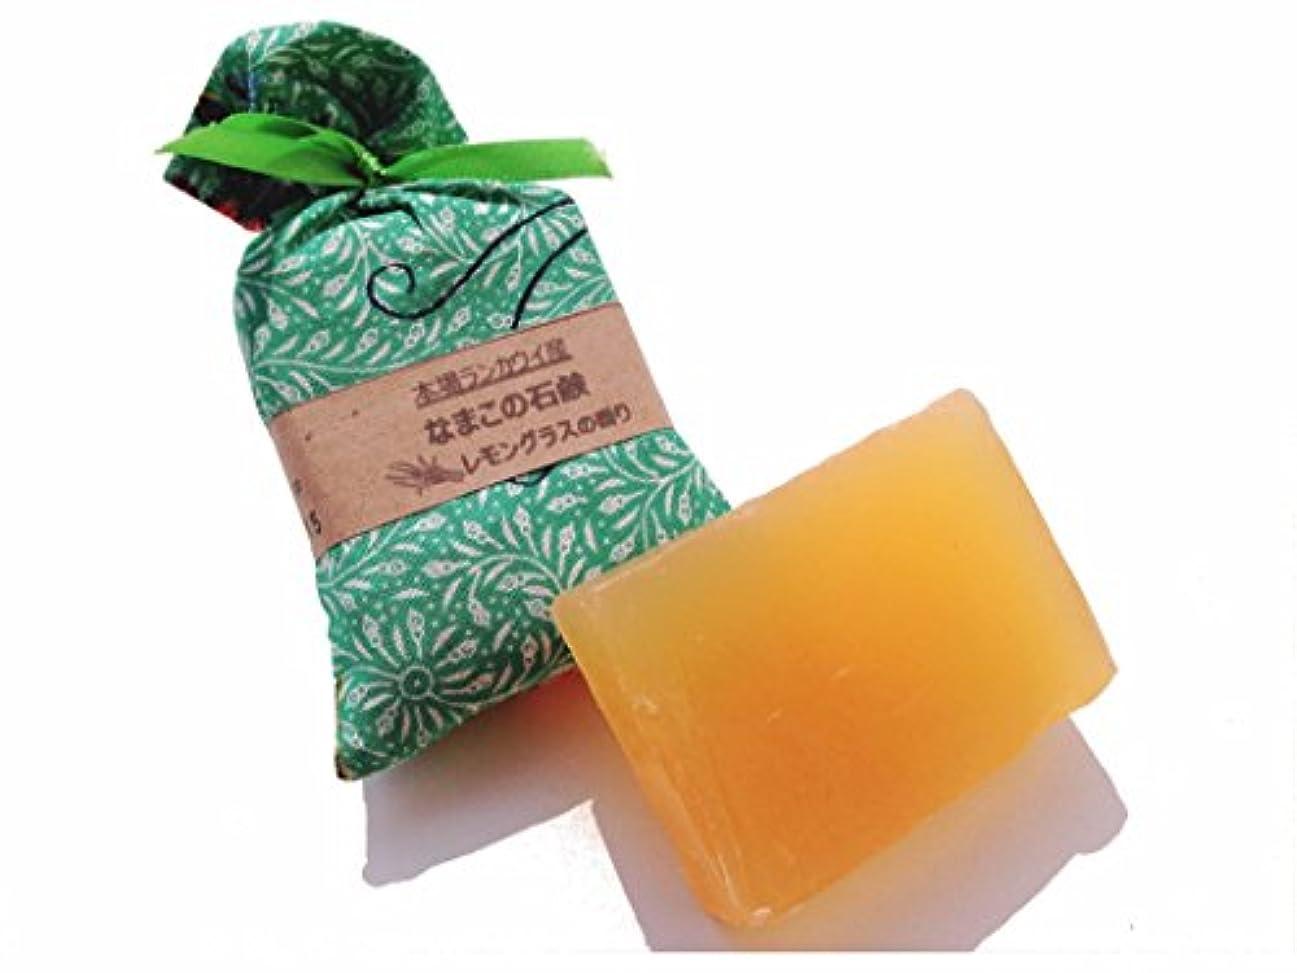 タヒチ甘美な余暇なまこ石鹸 (ランカウイの休日 レモングラス)